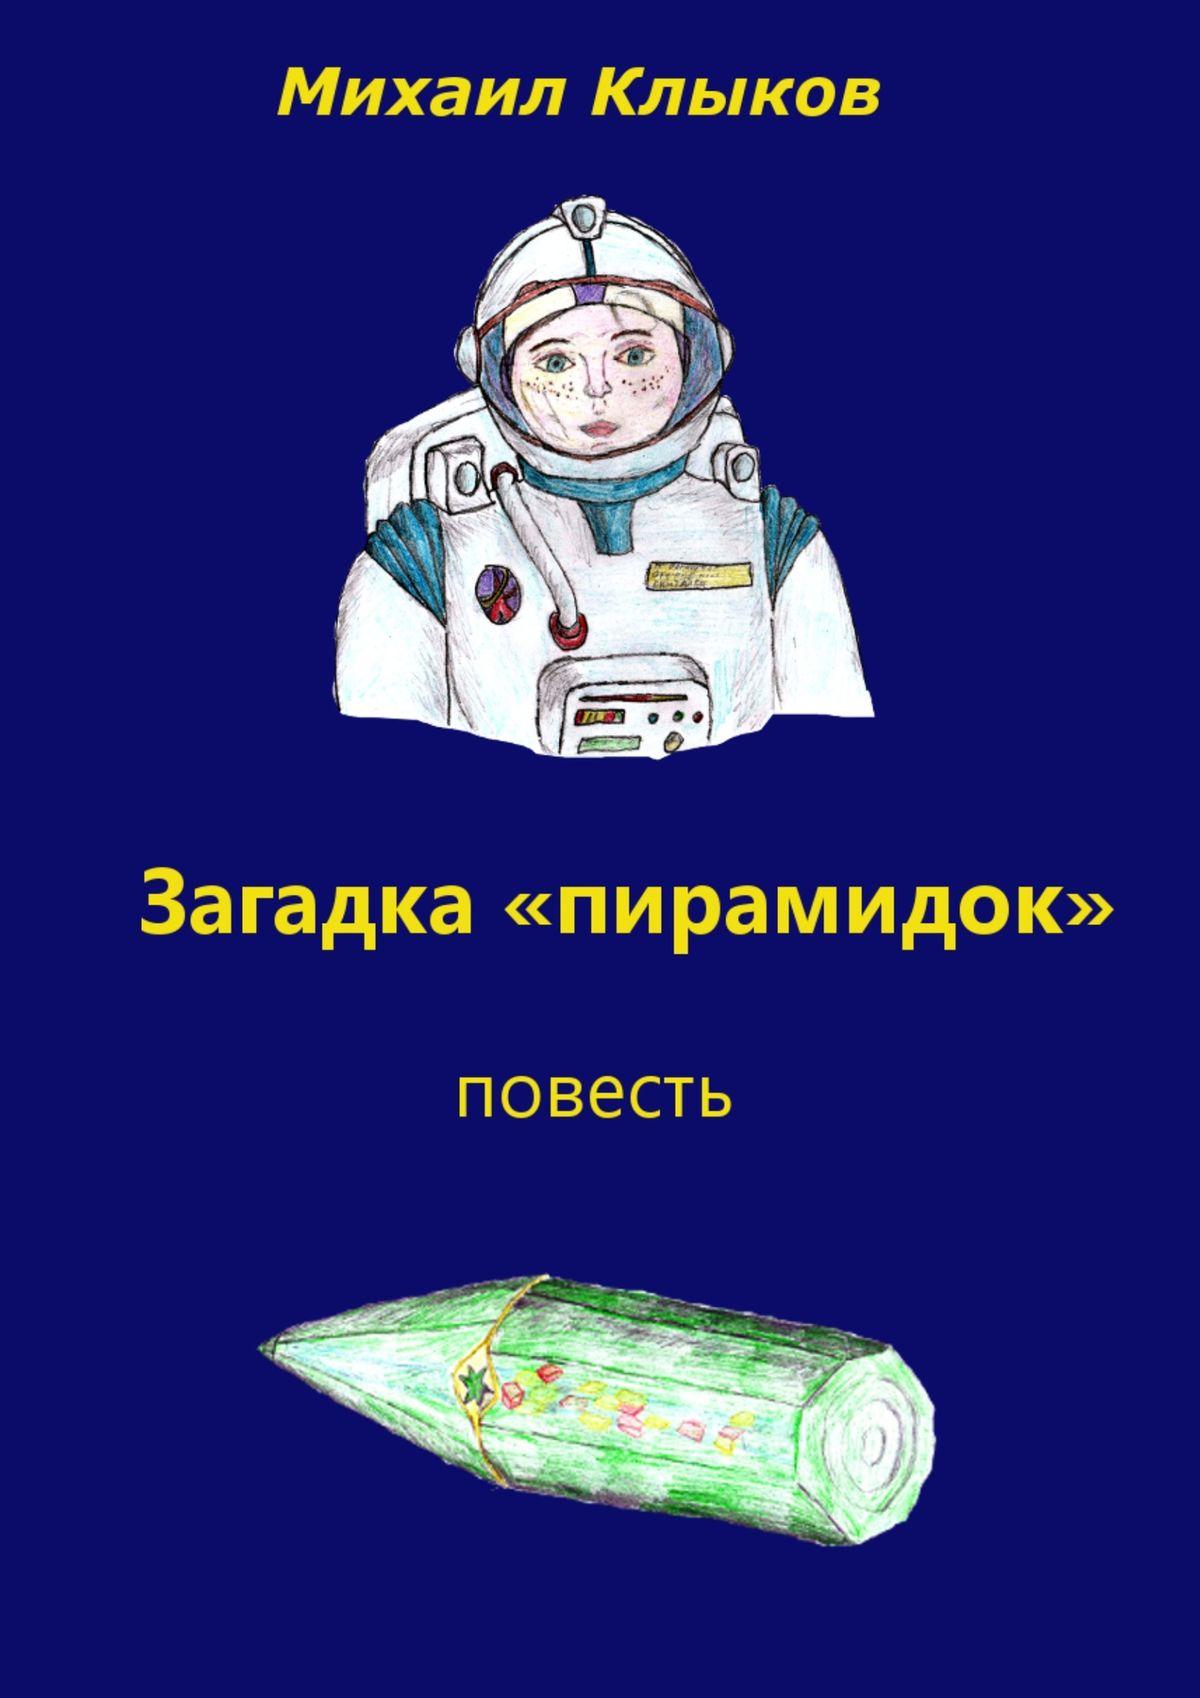 Михаил Анатольевич Клыков Загадка «пирамидок». Повесть михаил клыков загадка пирамидок